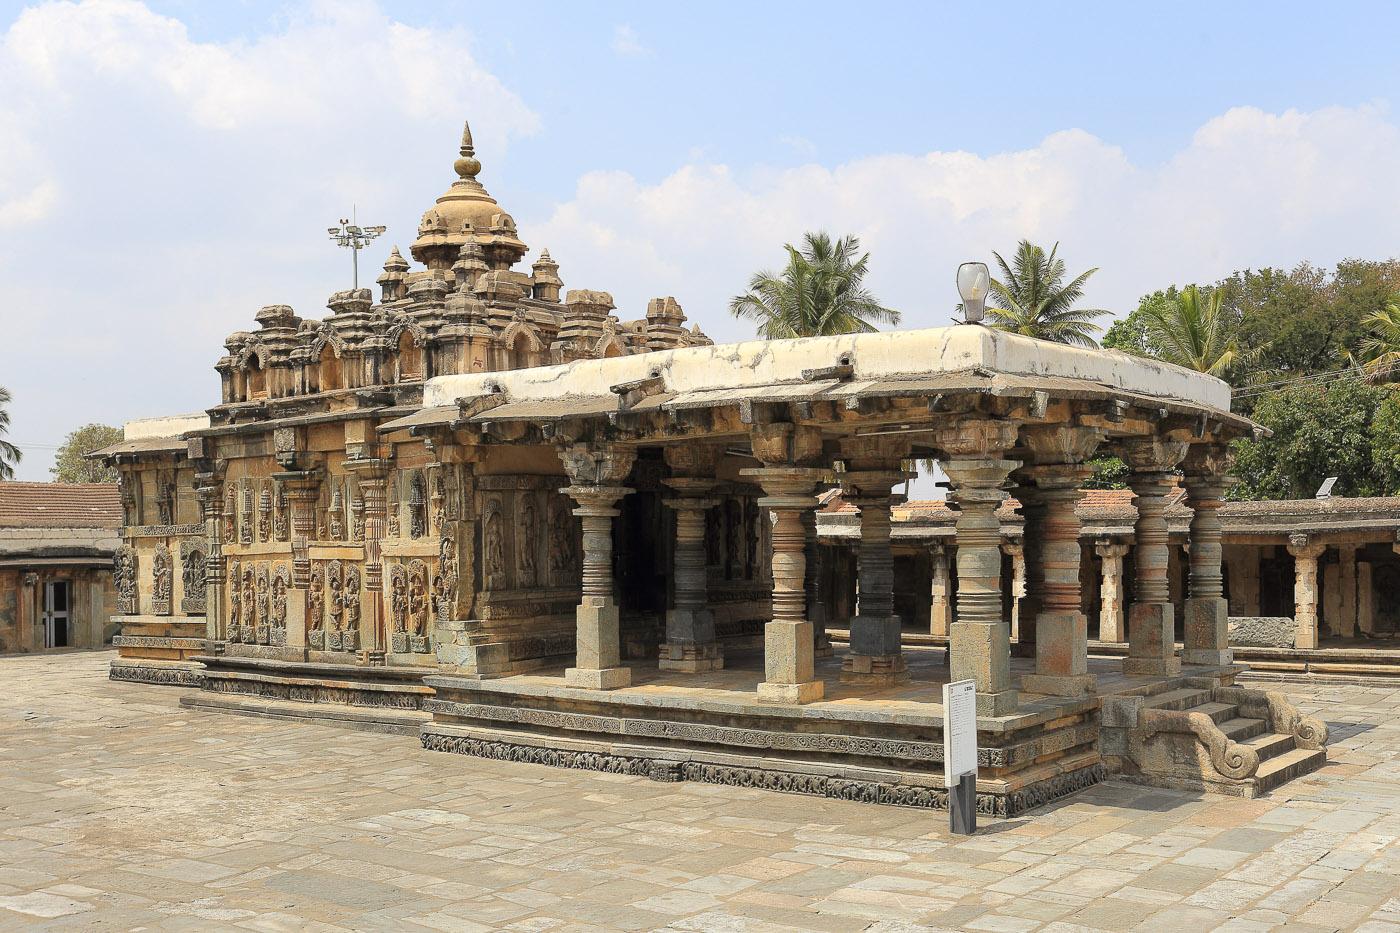 Фотография №21. Ranganayaki Temple. Храм в ансамбле Ченнакесава. Отзывы об экскурсии в Карнатаку. 1/60, -1 eV, f 10, 35mm, ISO 100